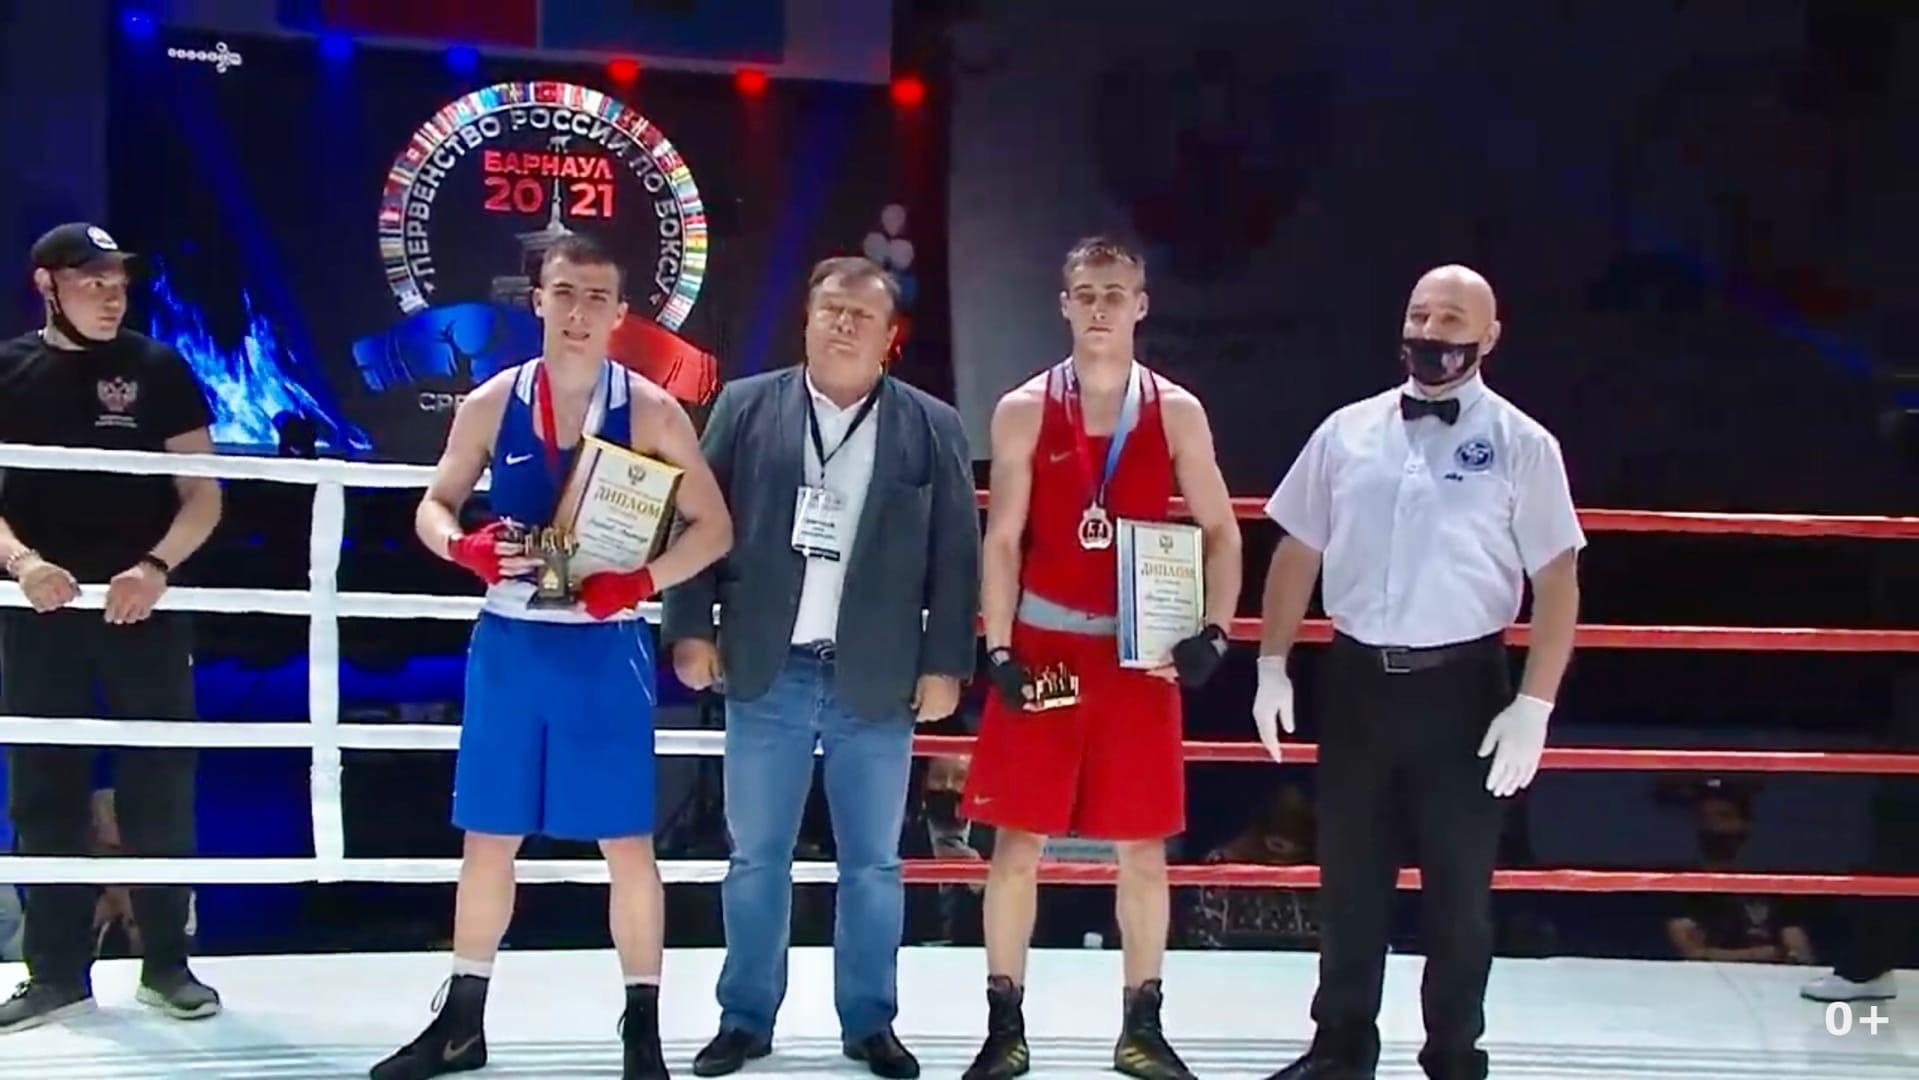 В Барнауле завершилось Первенство России по боксу среди юниоров 17-18 лет.